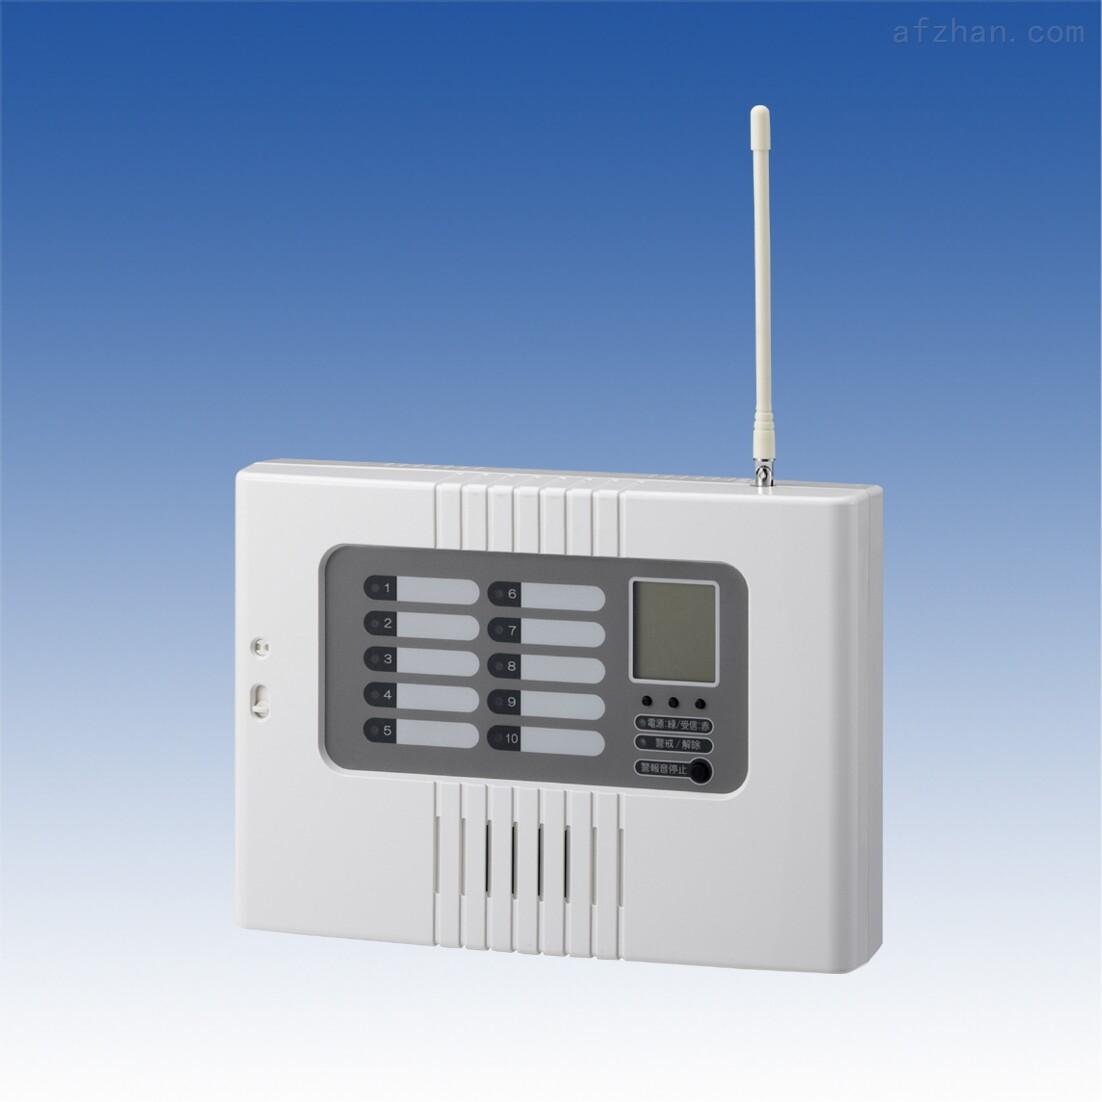 TAKEX 火焰探测无线报警主机